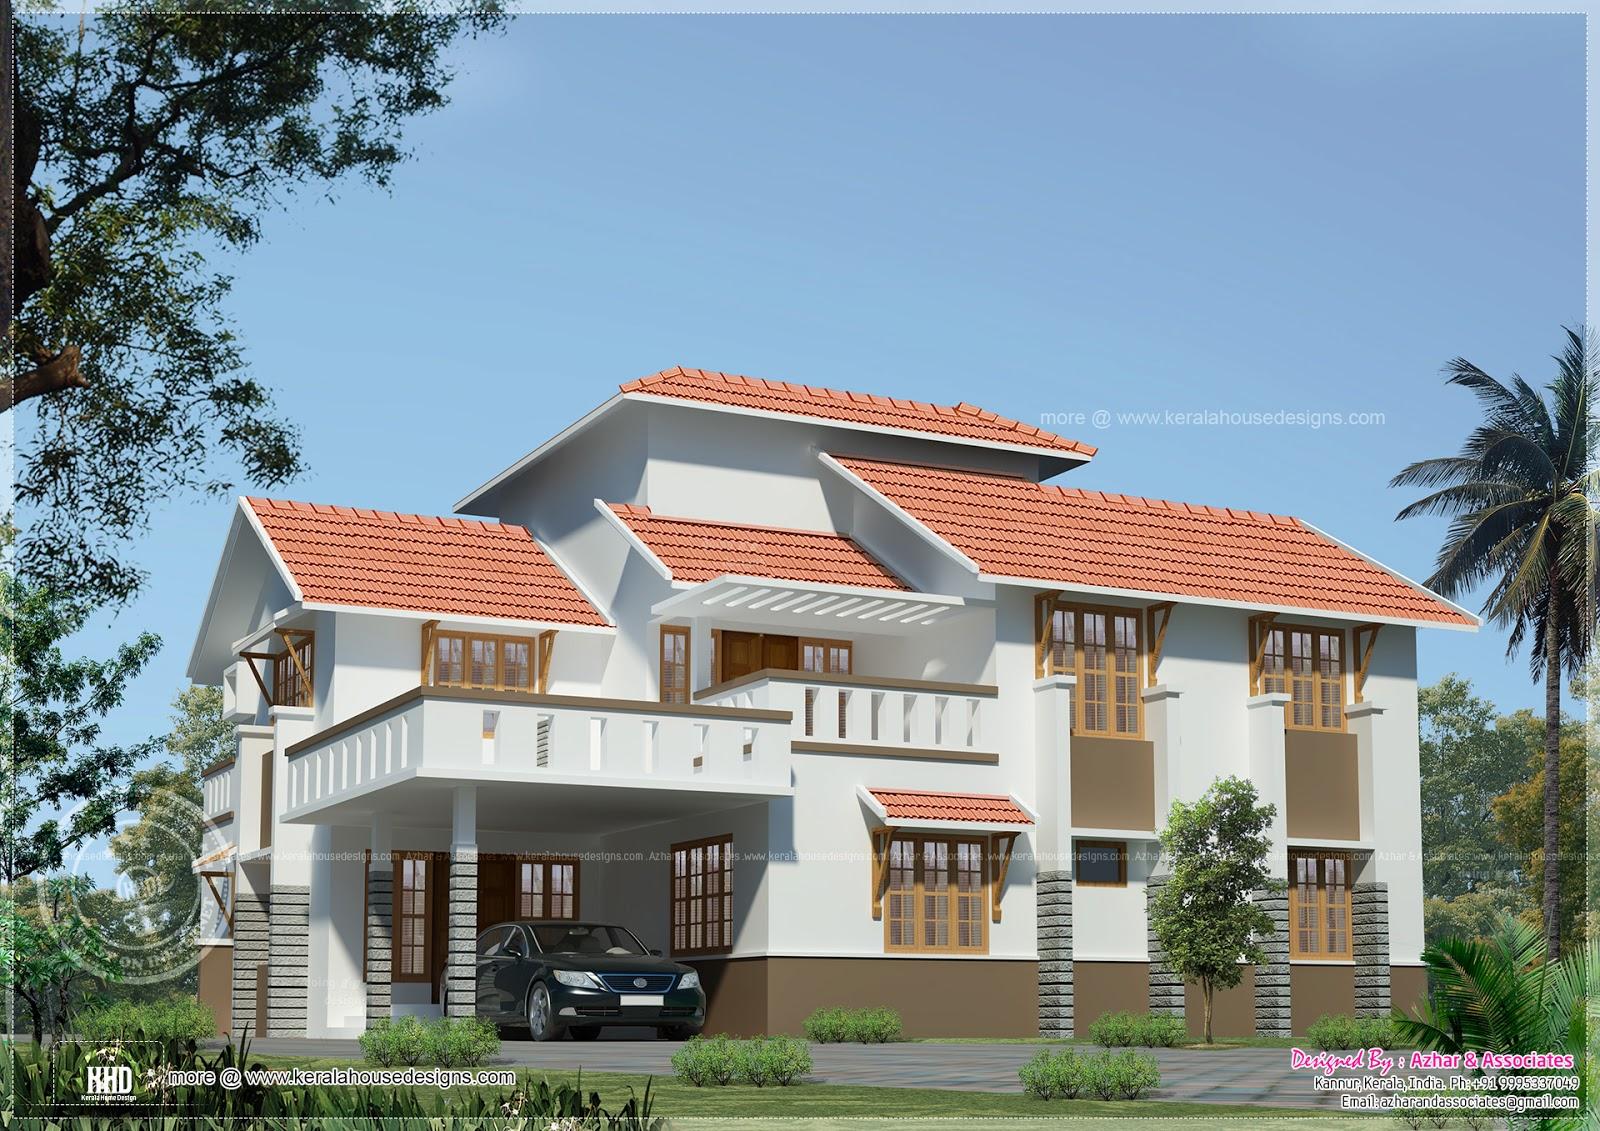 Slanting Roof Indian Home Elevation Design House Design Plans